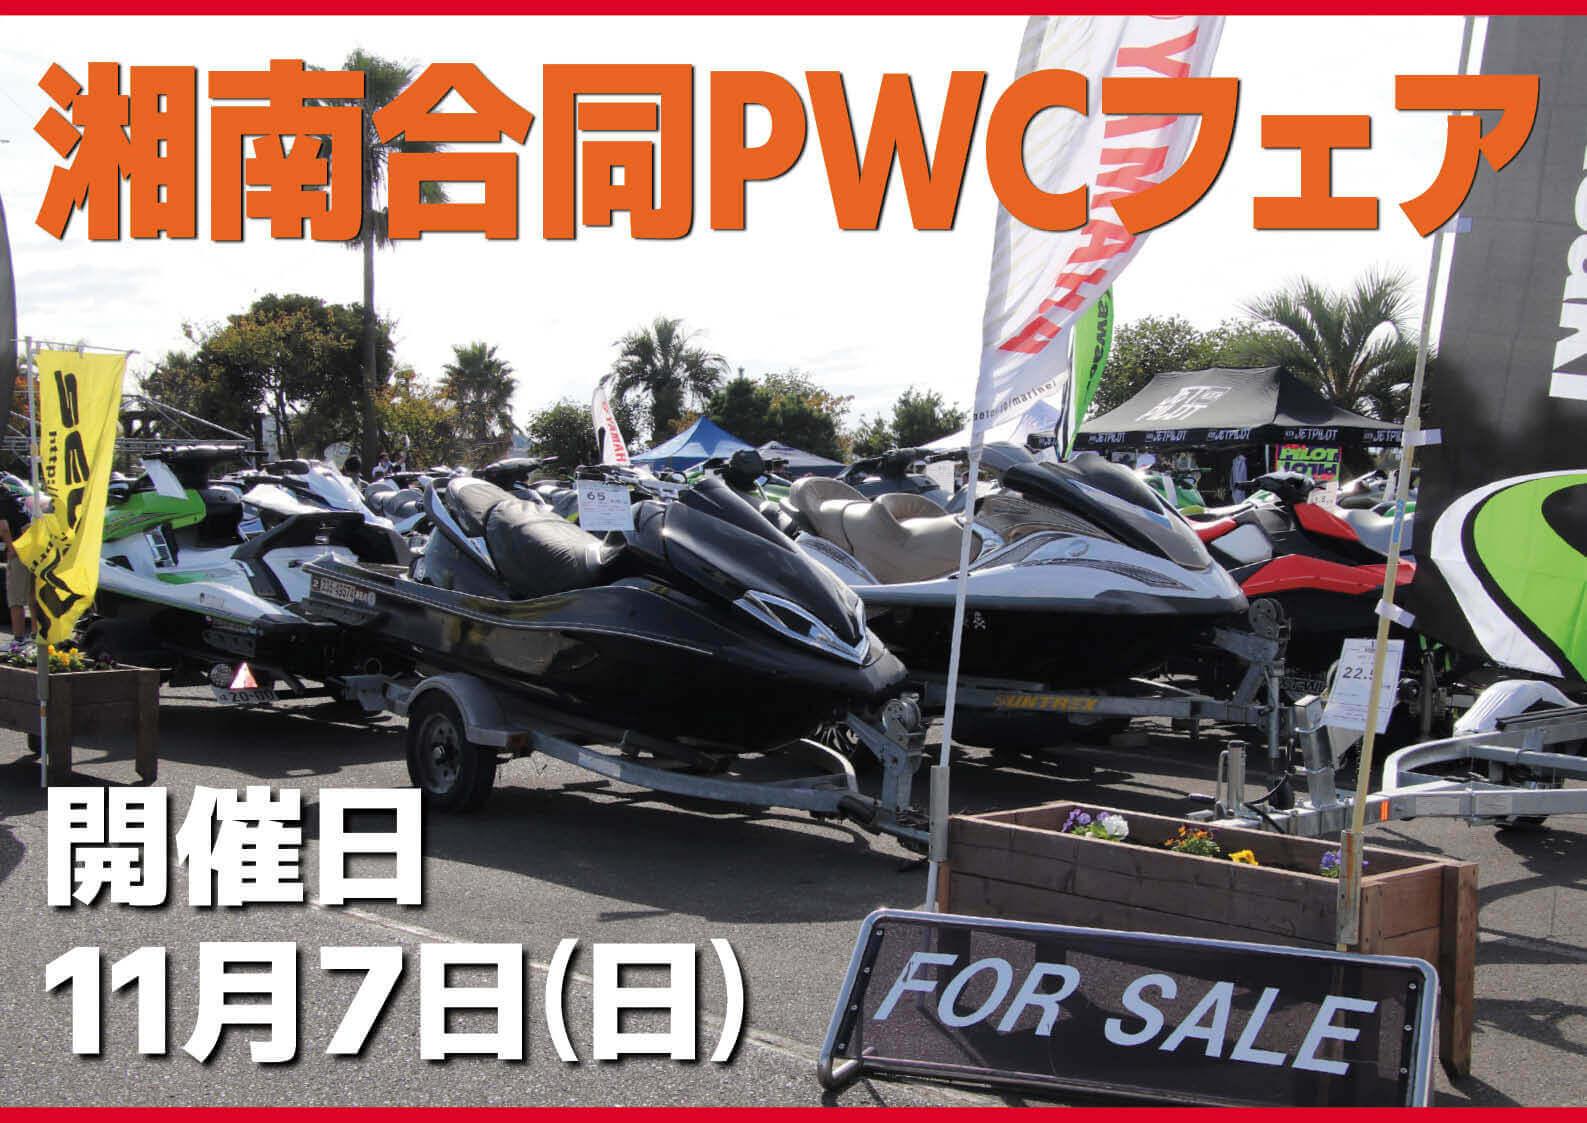 国内外のパーツを取り扱うホットプロダクツジャパン、オンラインショップを開設 ジェットスキー(水上バイク)